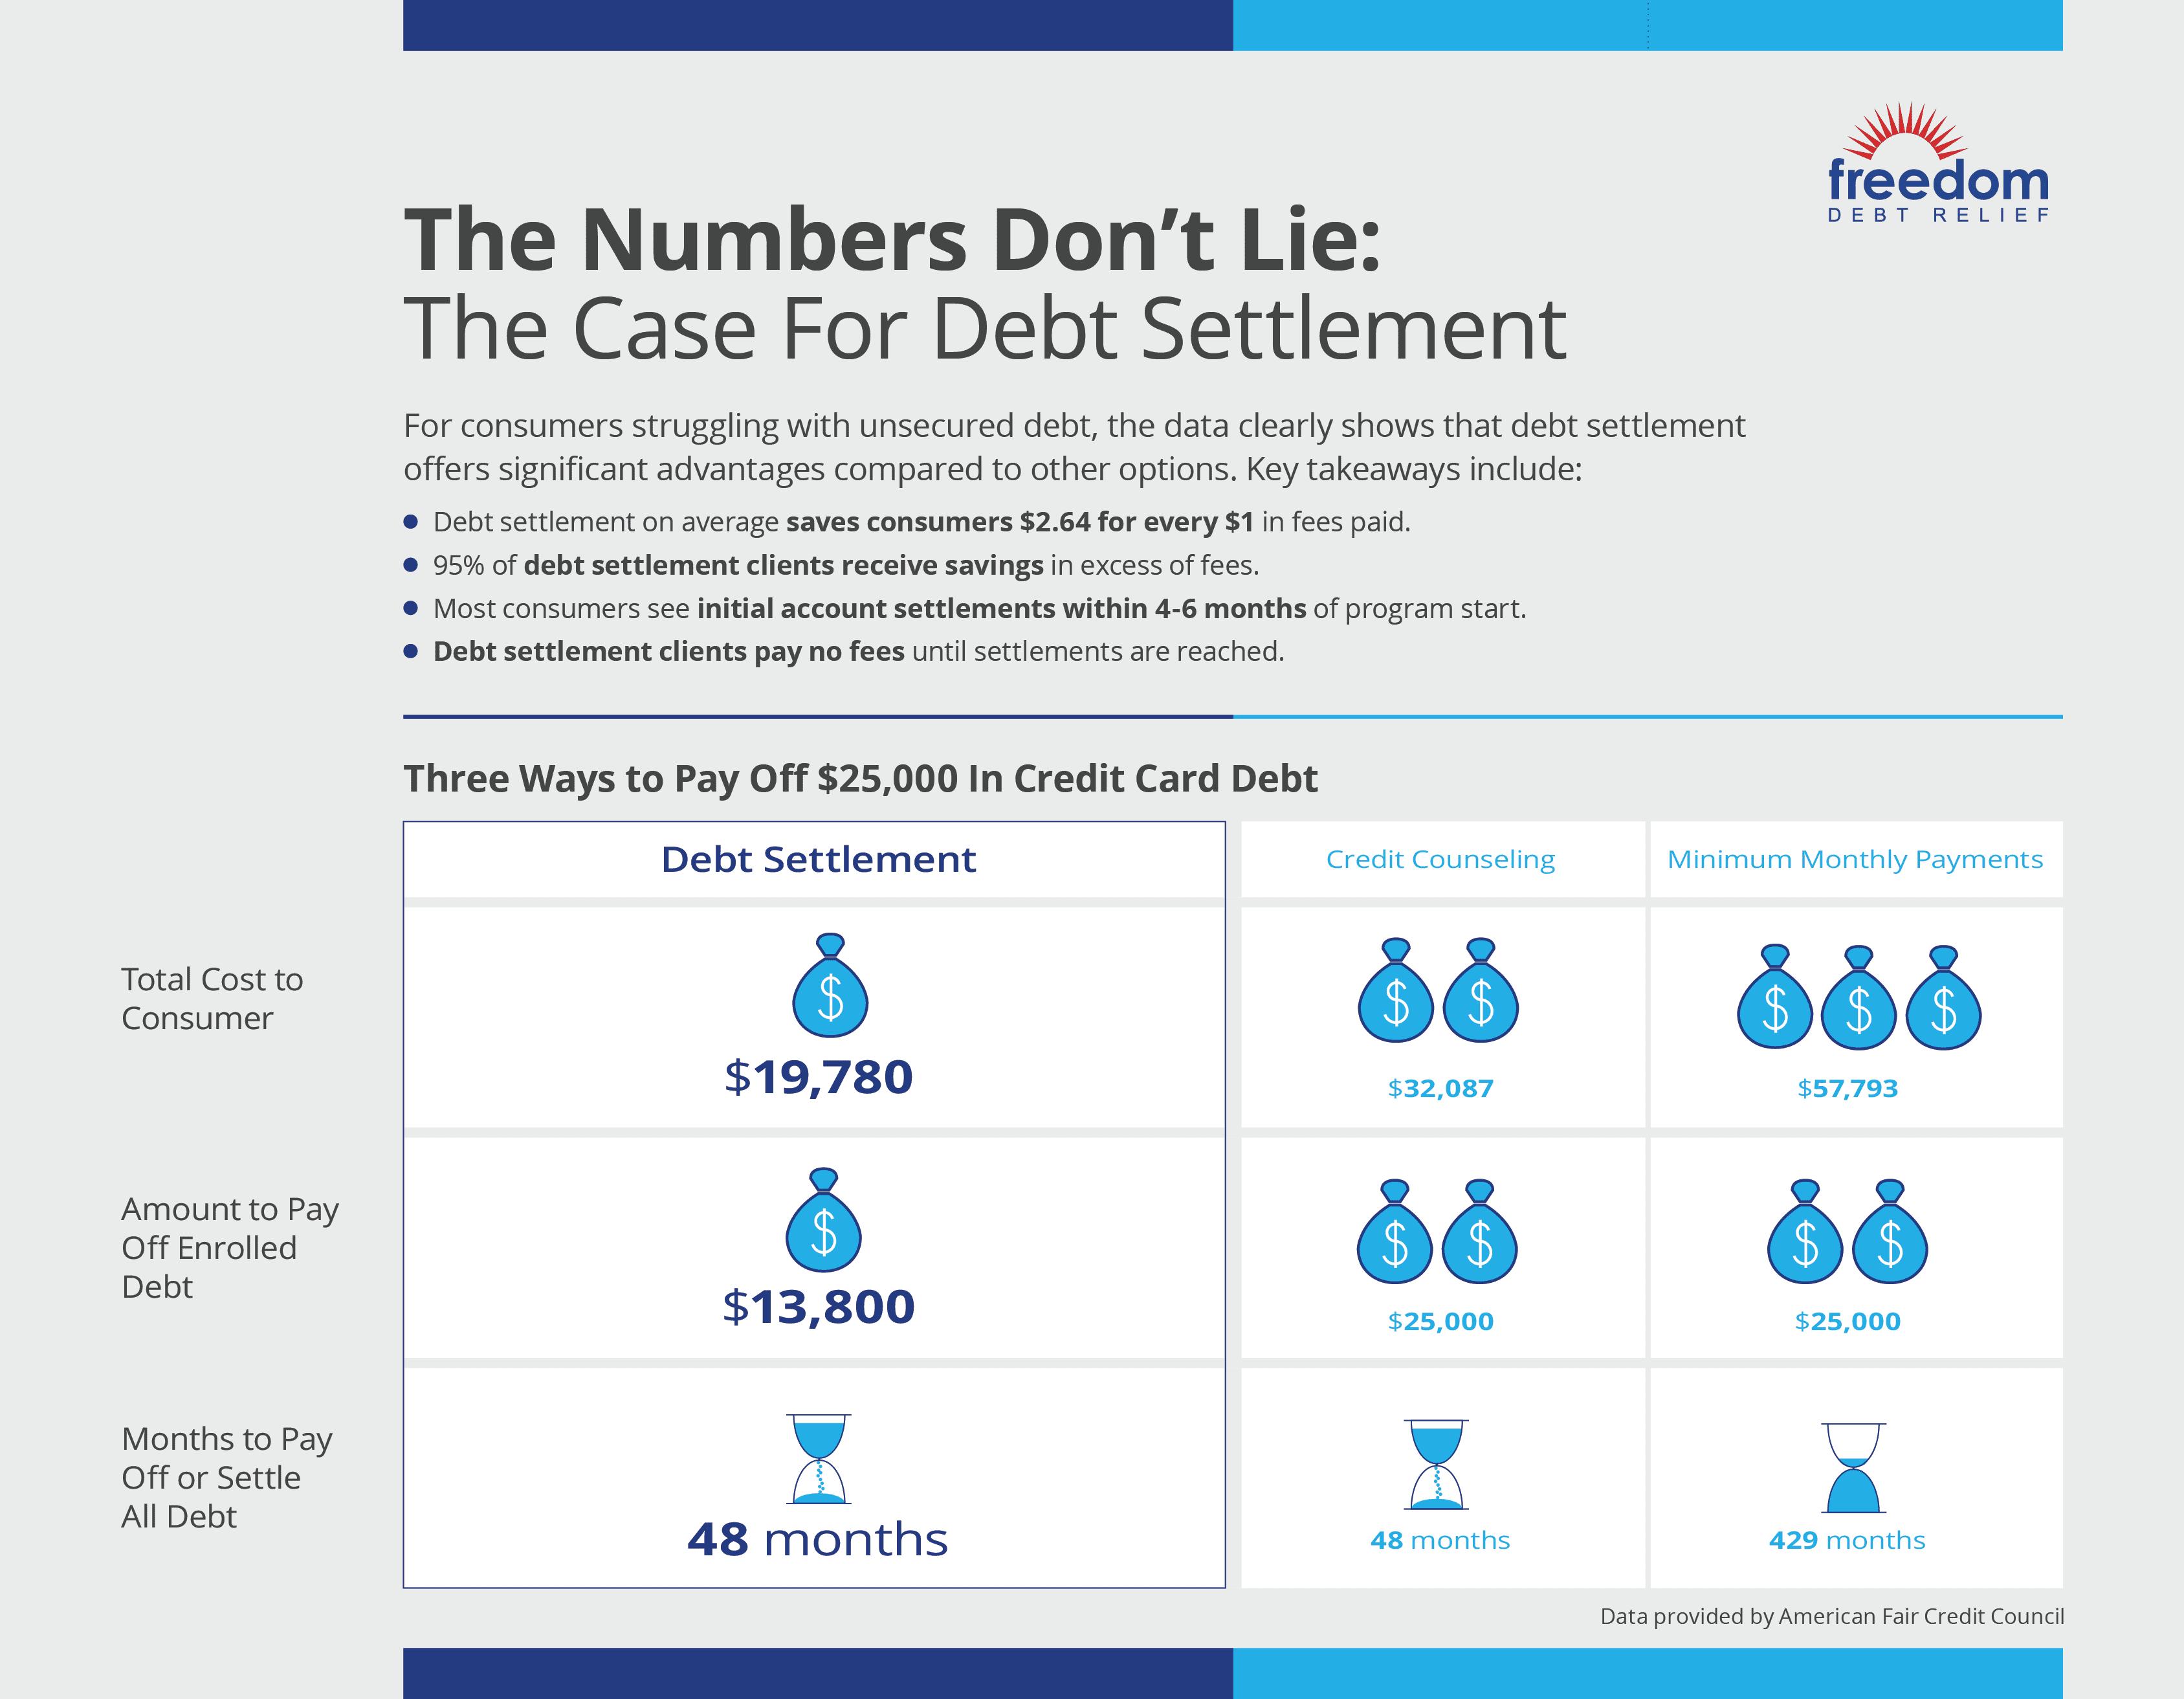 مخطط المعلومات الرسومي بمعلومات عن الادخار التي تقدمها لتسوية الديون